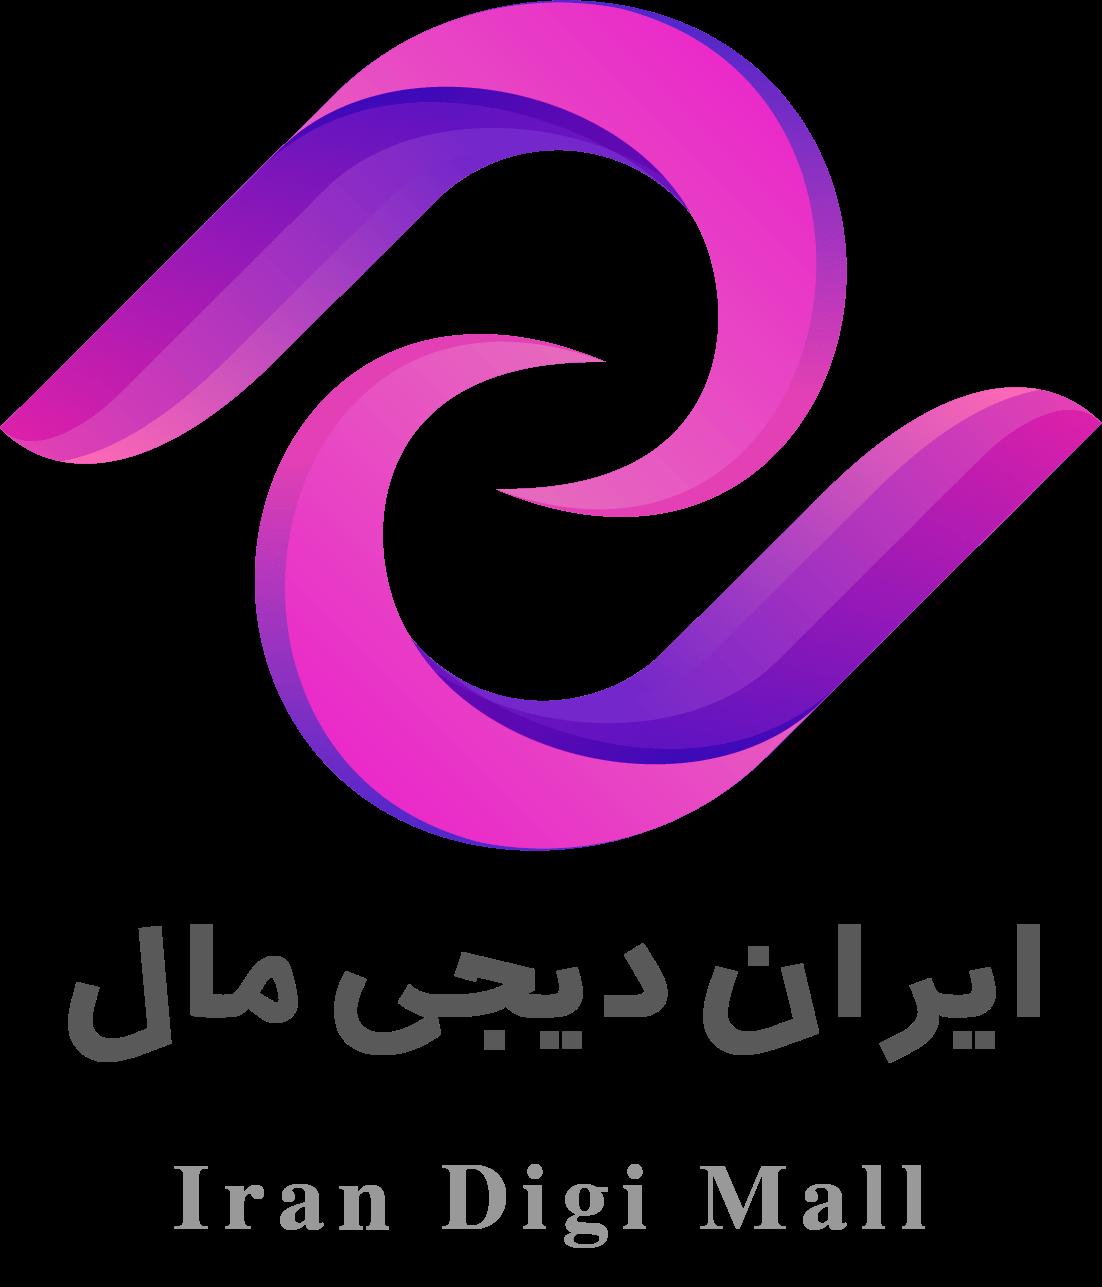 iran digi mall